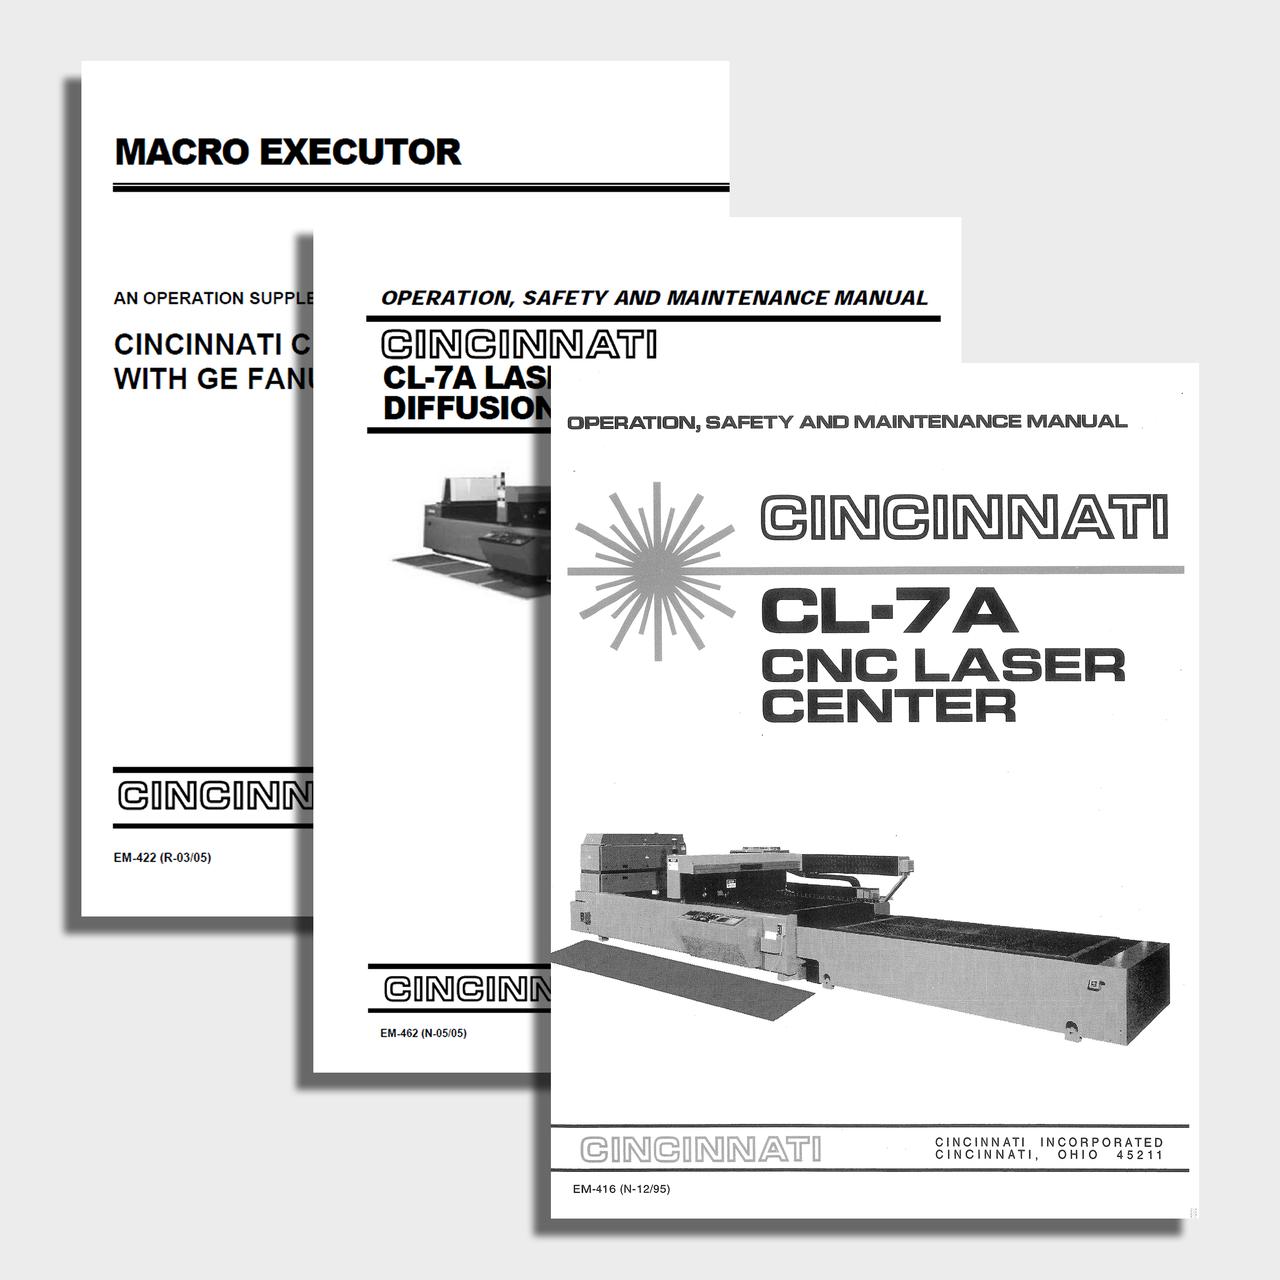 CL-7A CNC Laser Center Manual Bundle